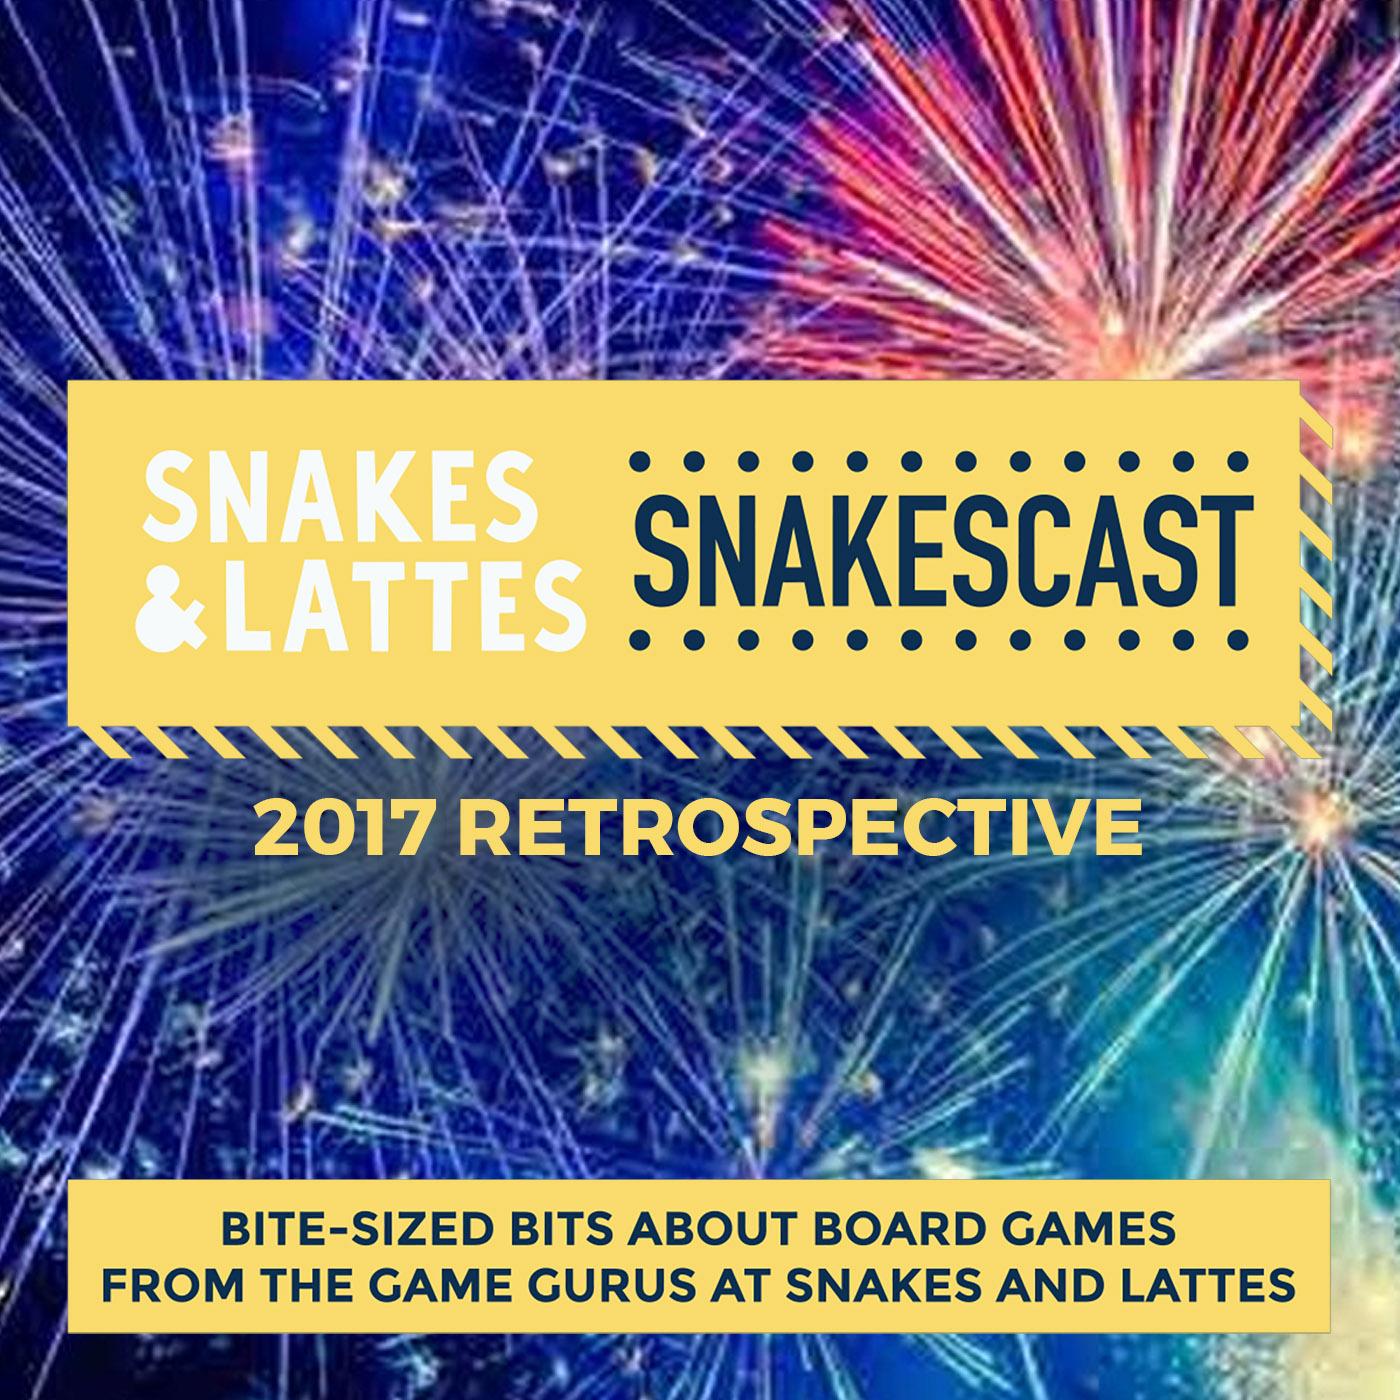 2017 Retrospective, Part 2 - Café games